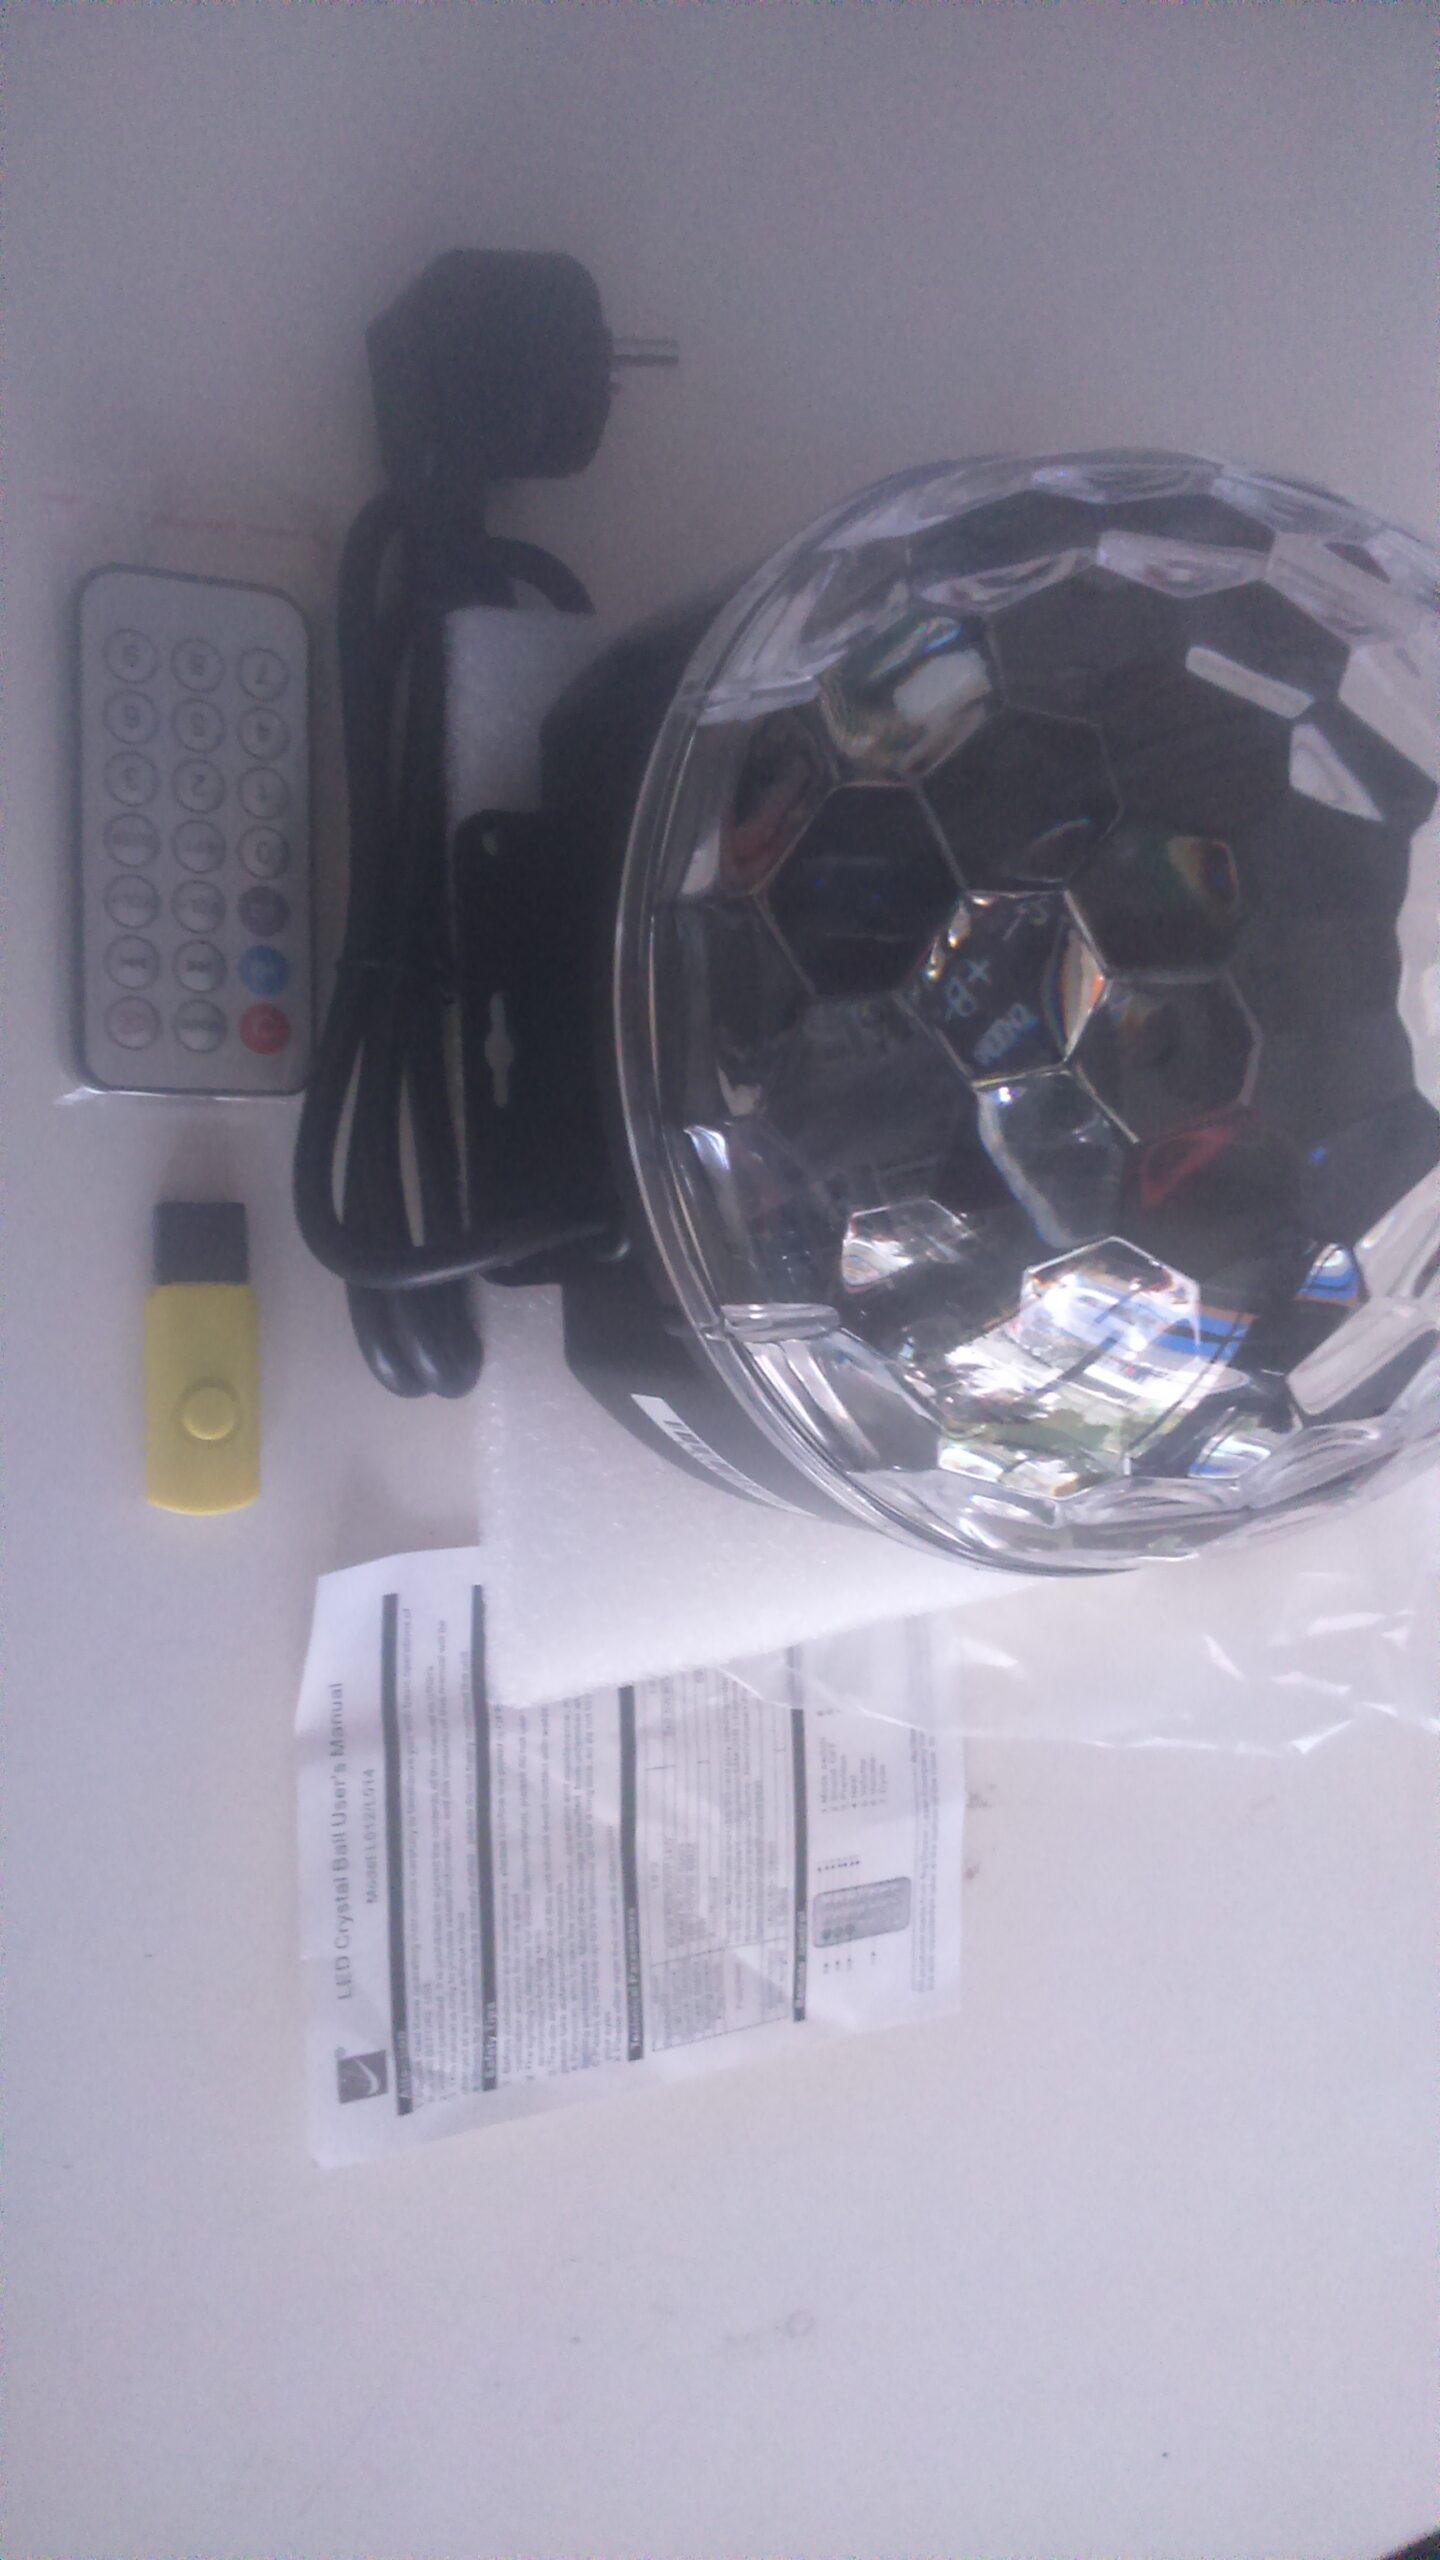 Đèn Cầu Led 7 Màu - Có Âm Nhạc - 2 Trong 1 - Gắn USB Hoặc Thẻ Nhớ